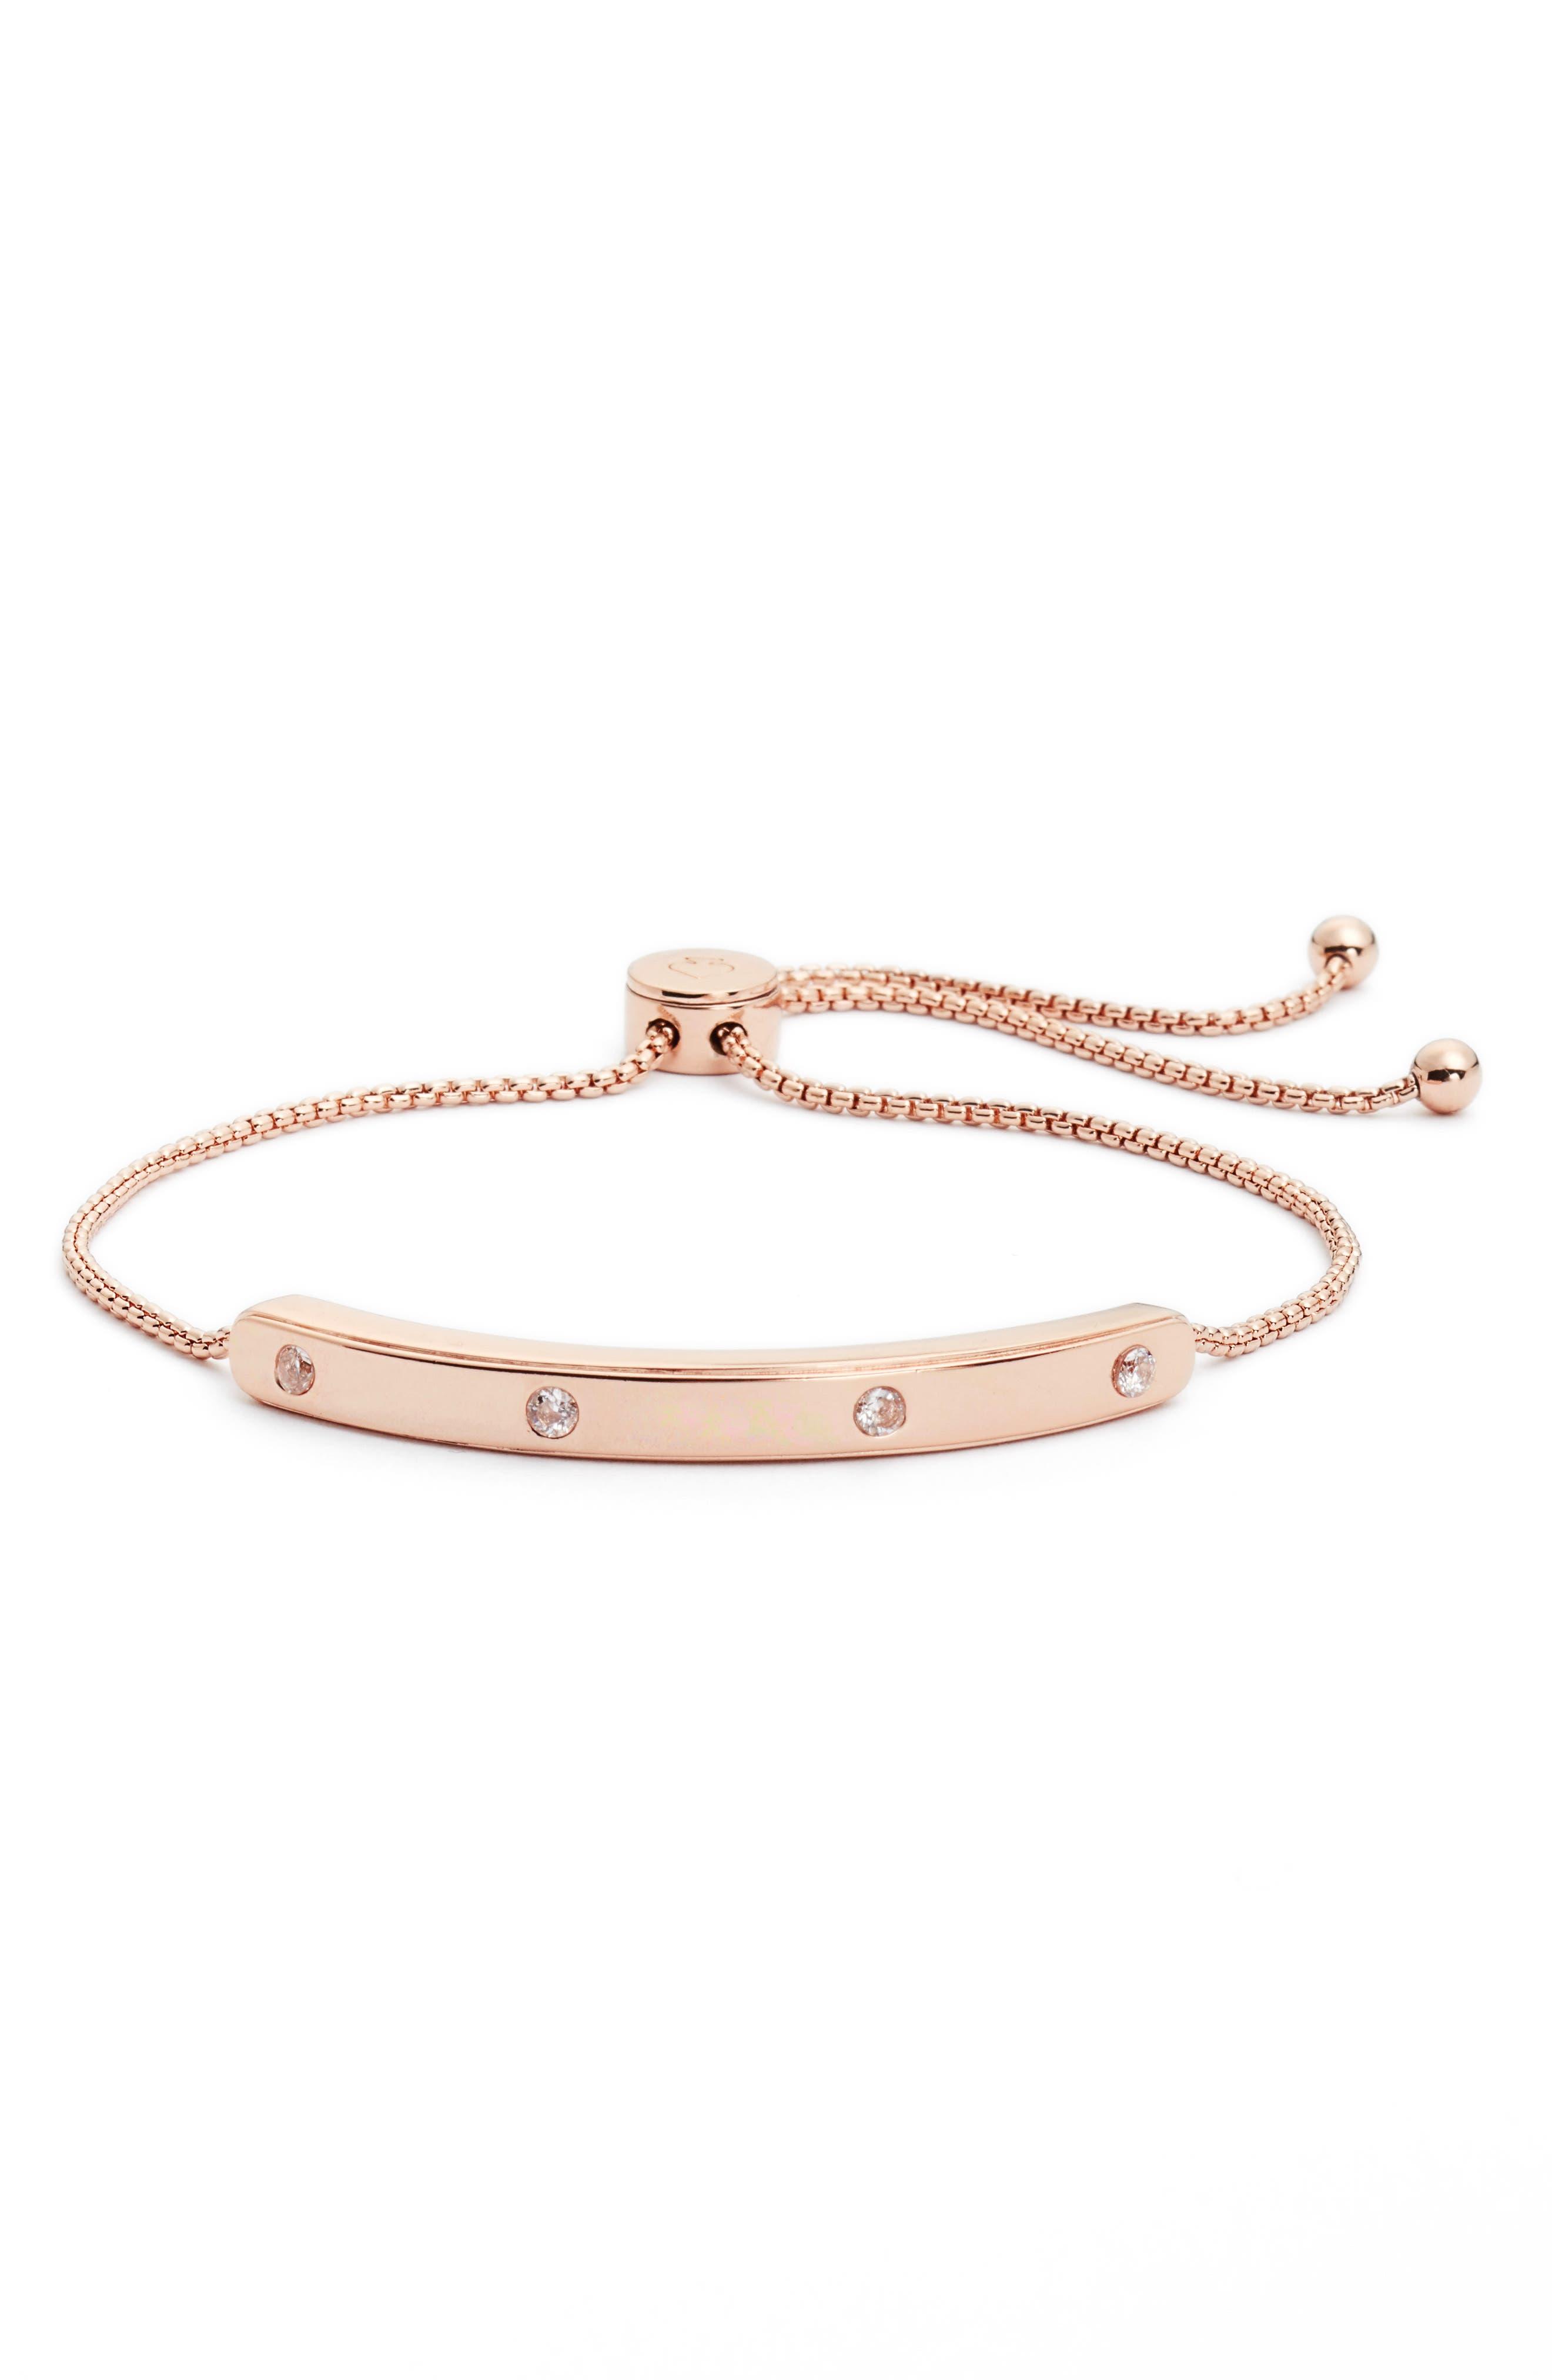 kate spade set in stone slide bracelet